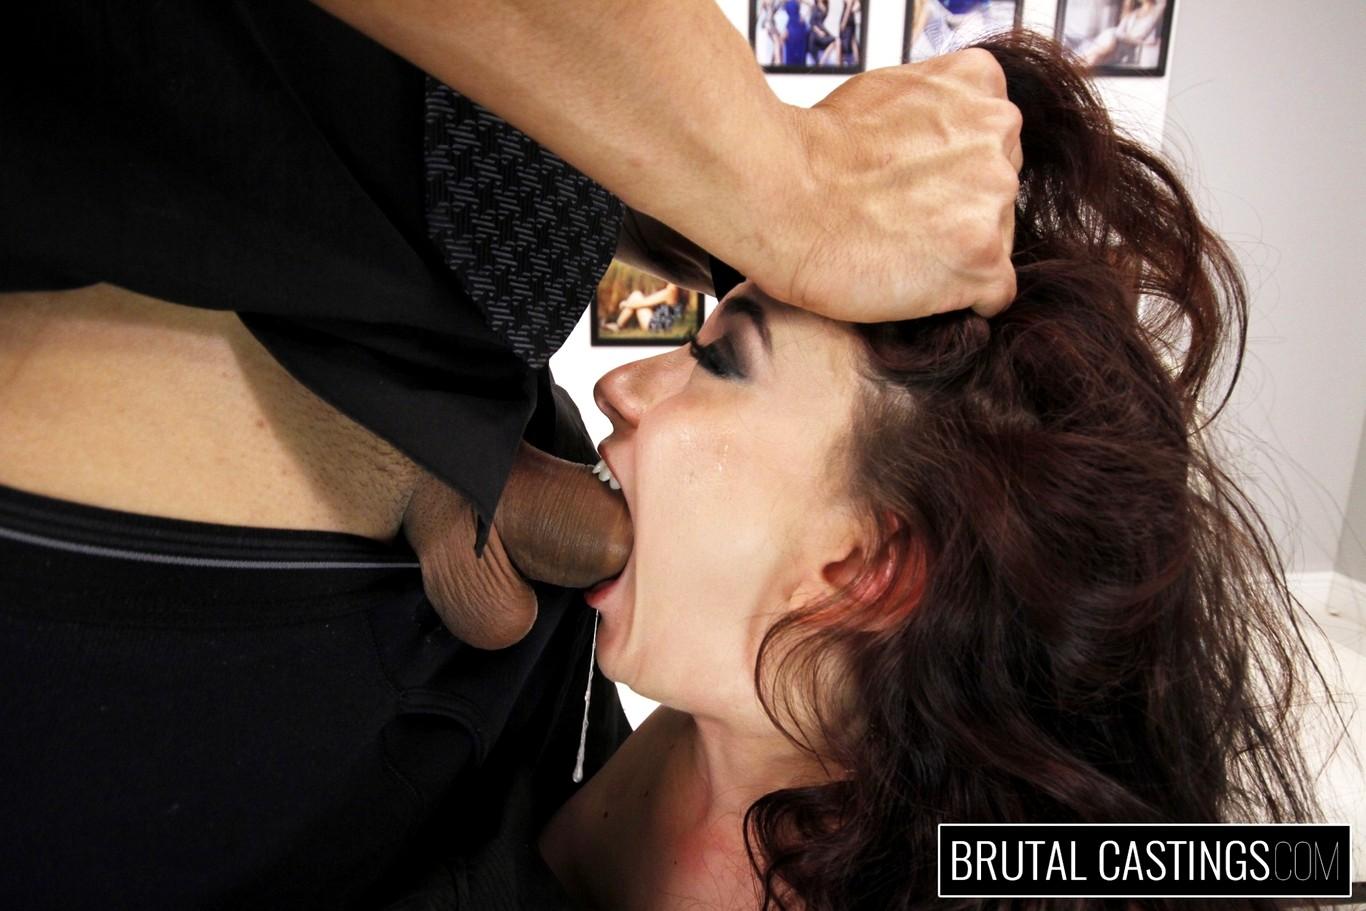 Brutal sex photo download